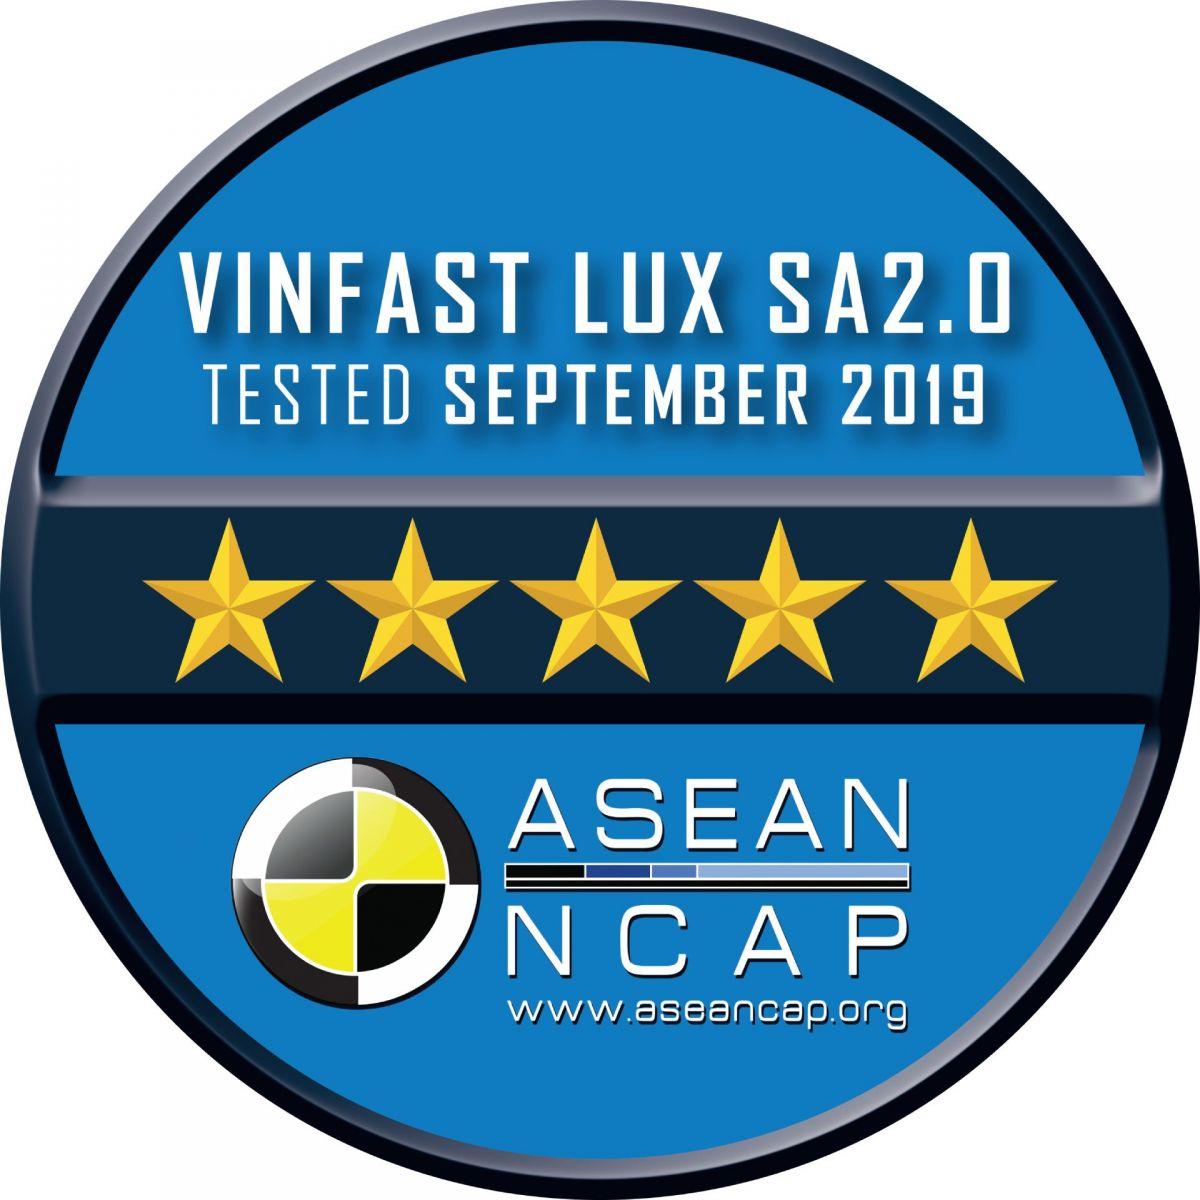 Lux SA2.0 đạt tiêu chuẩn an toàn 5 sao của ASEAN NCAP